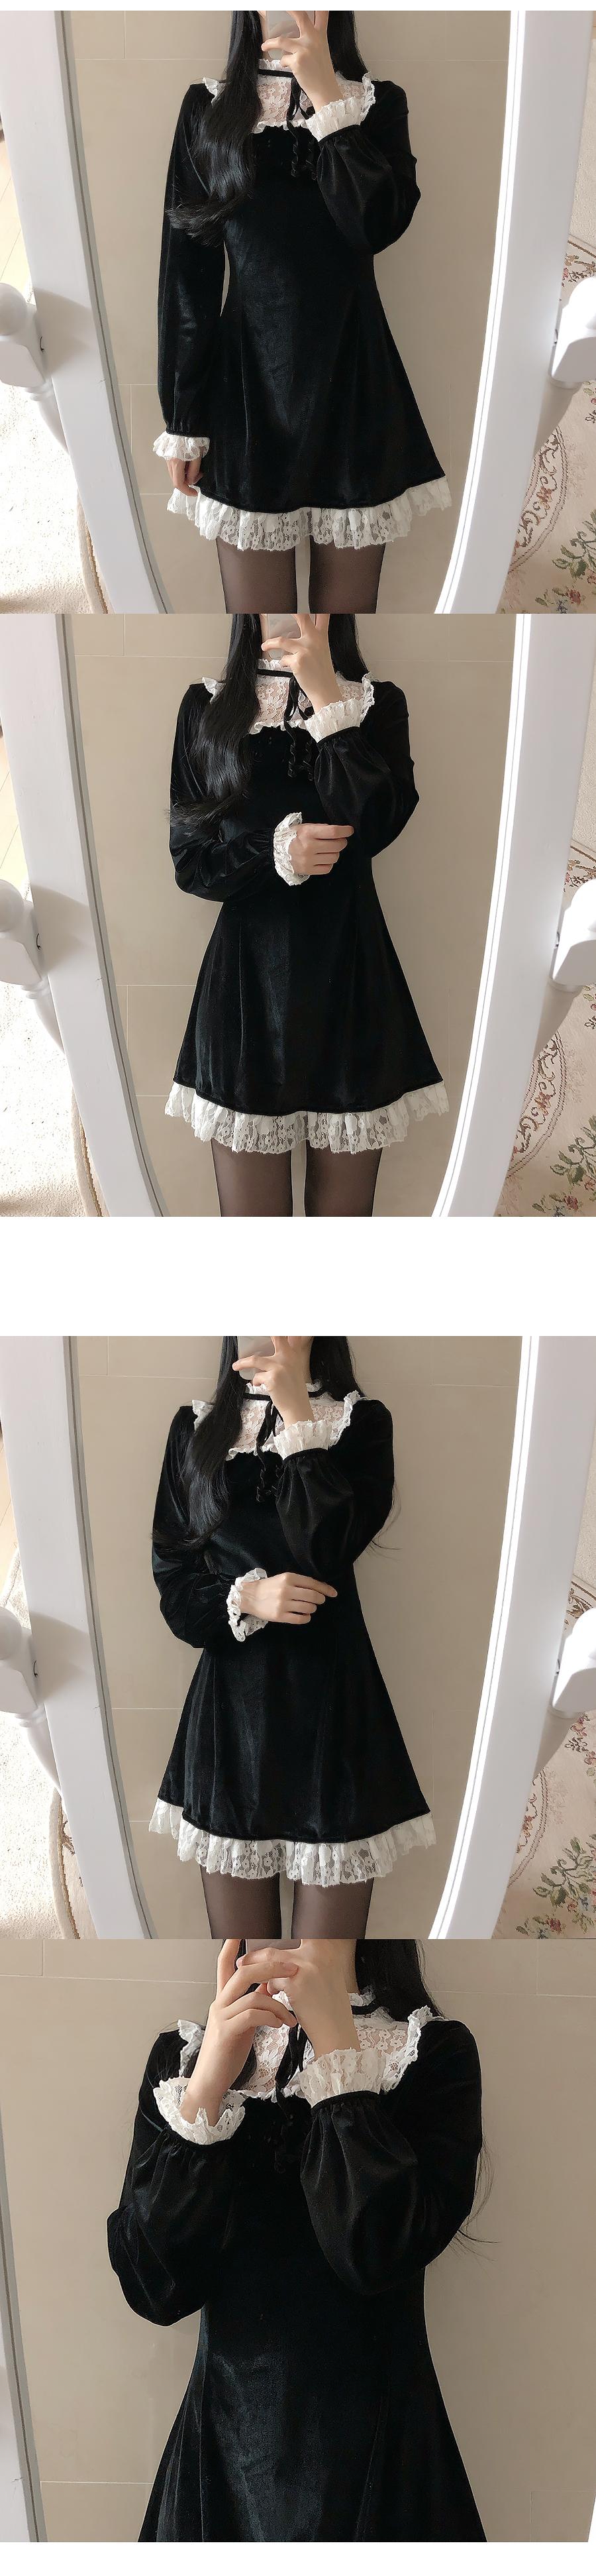 ♥ Made Lace Velvet Ribbon Dress